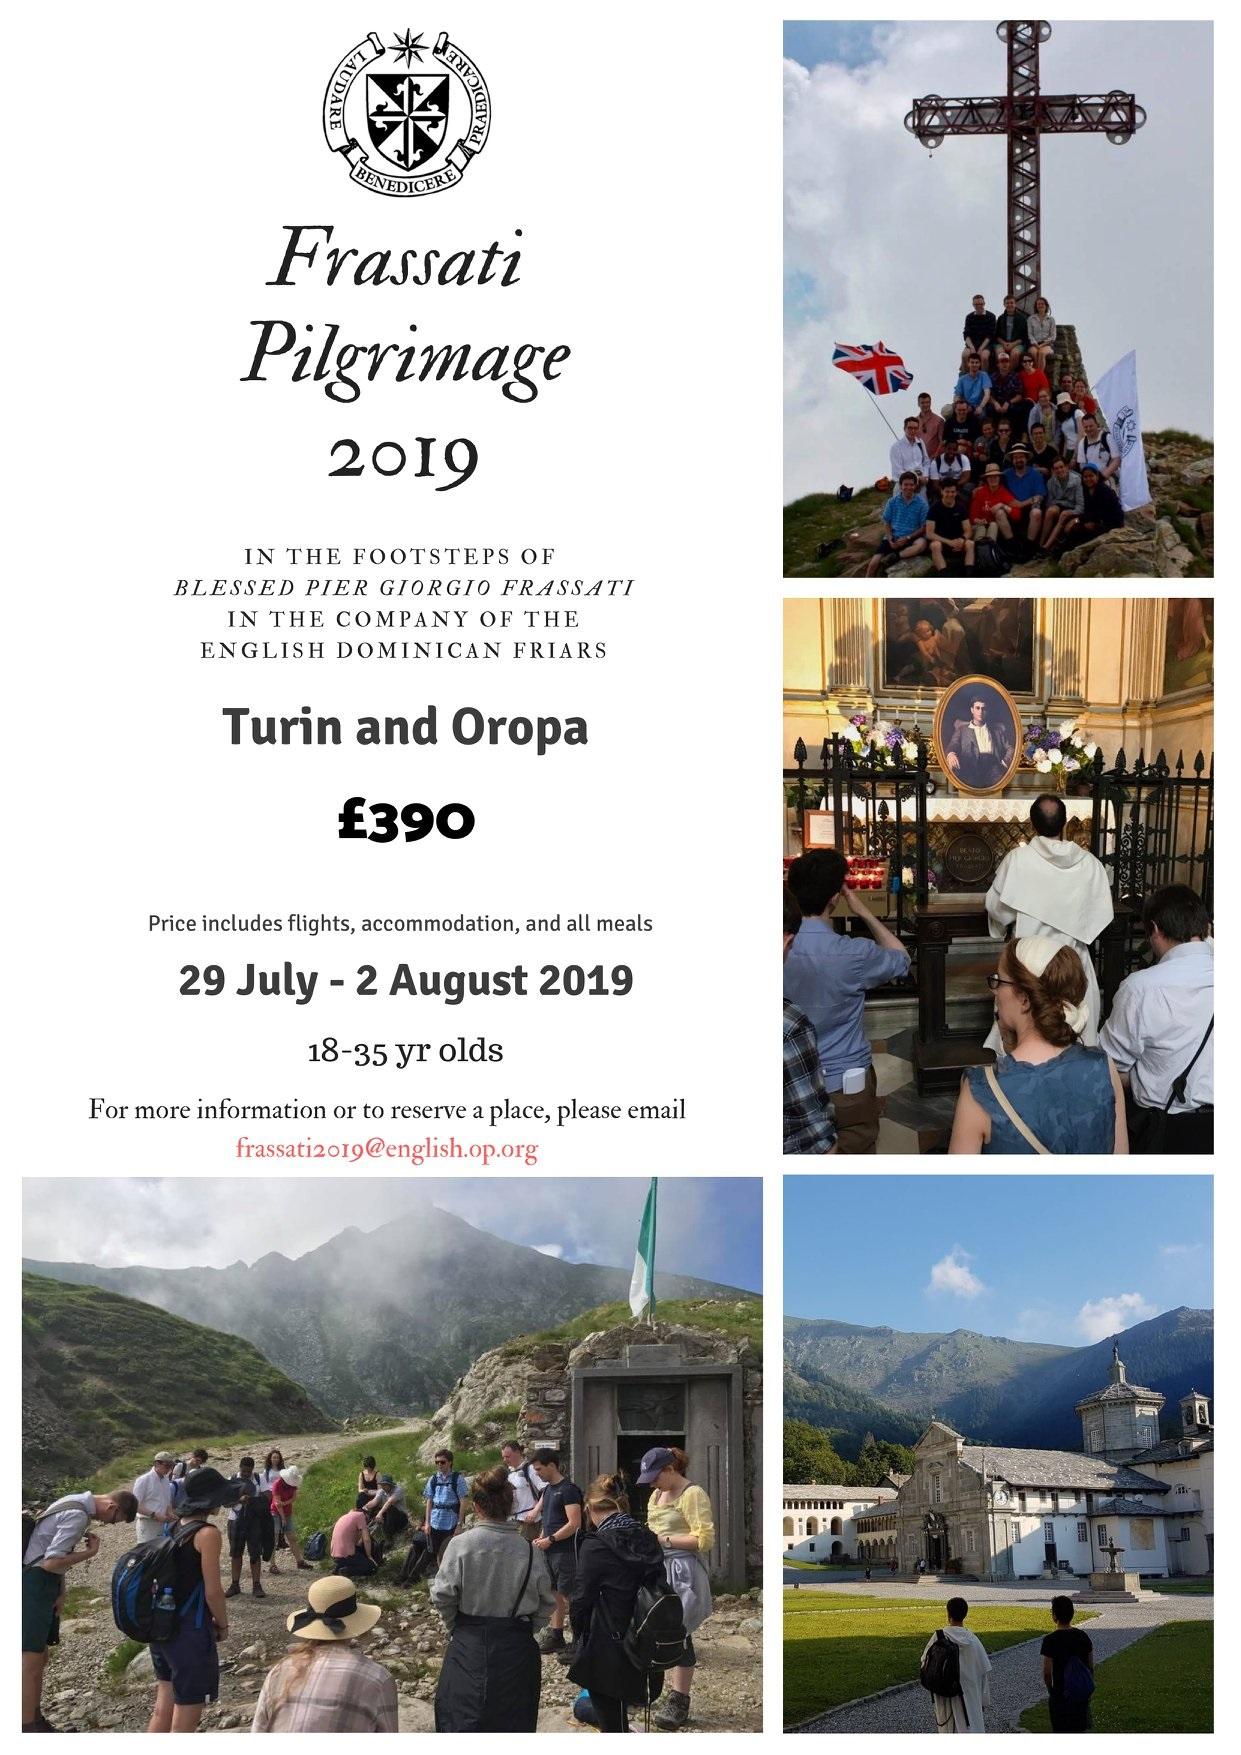 Frassati Pilgrimage 2019